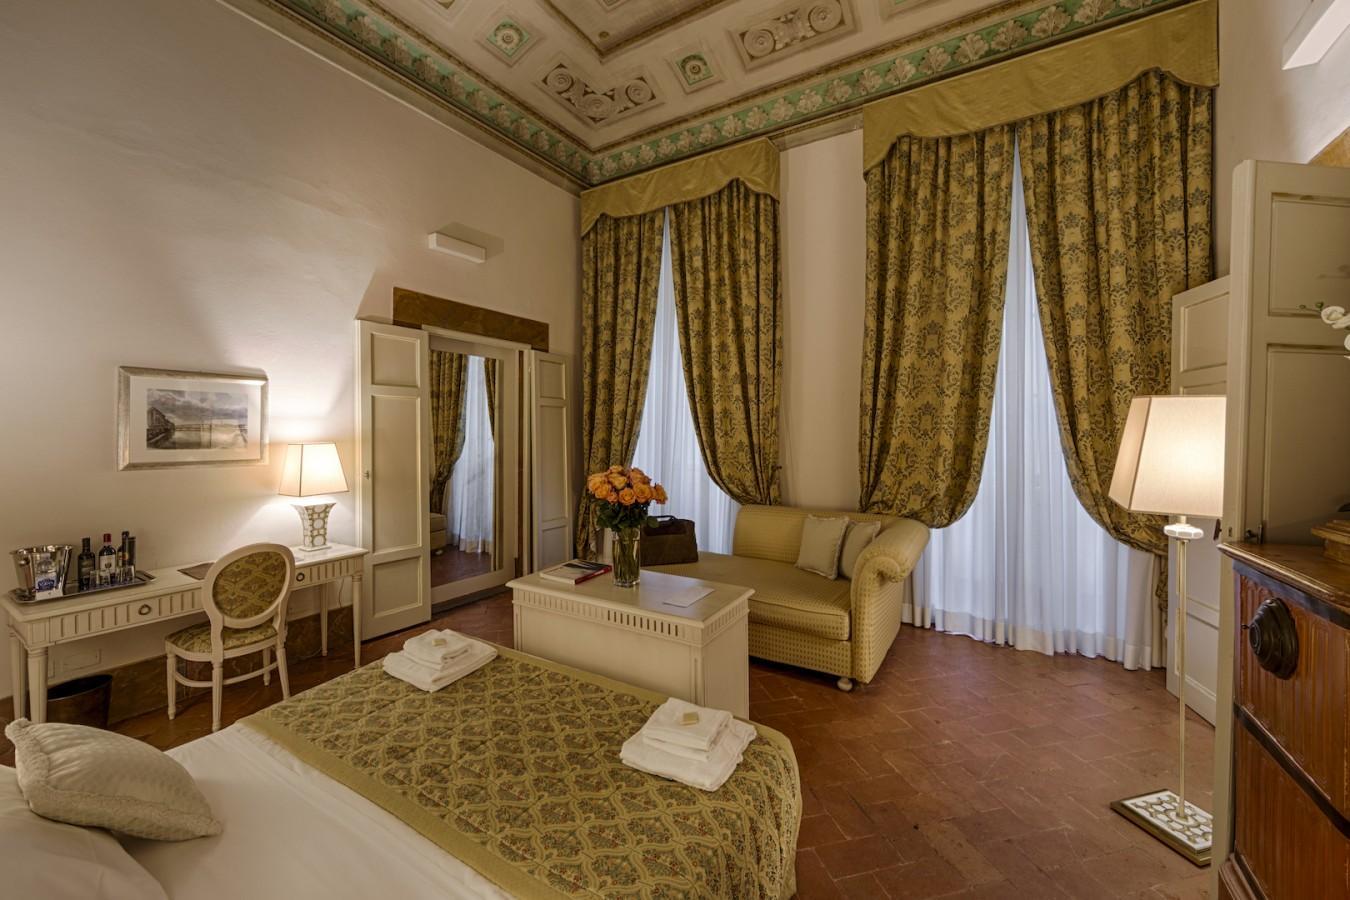 Palazzo Guicciardini Hotel Firenze